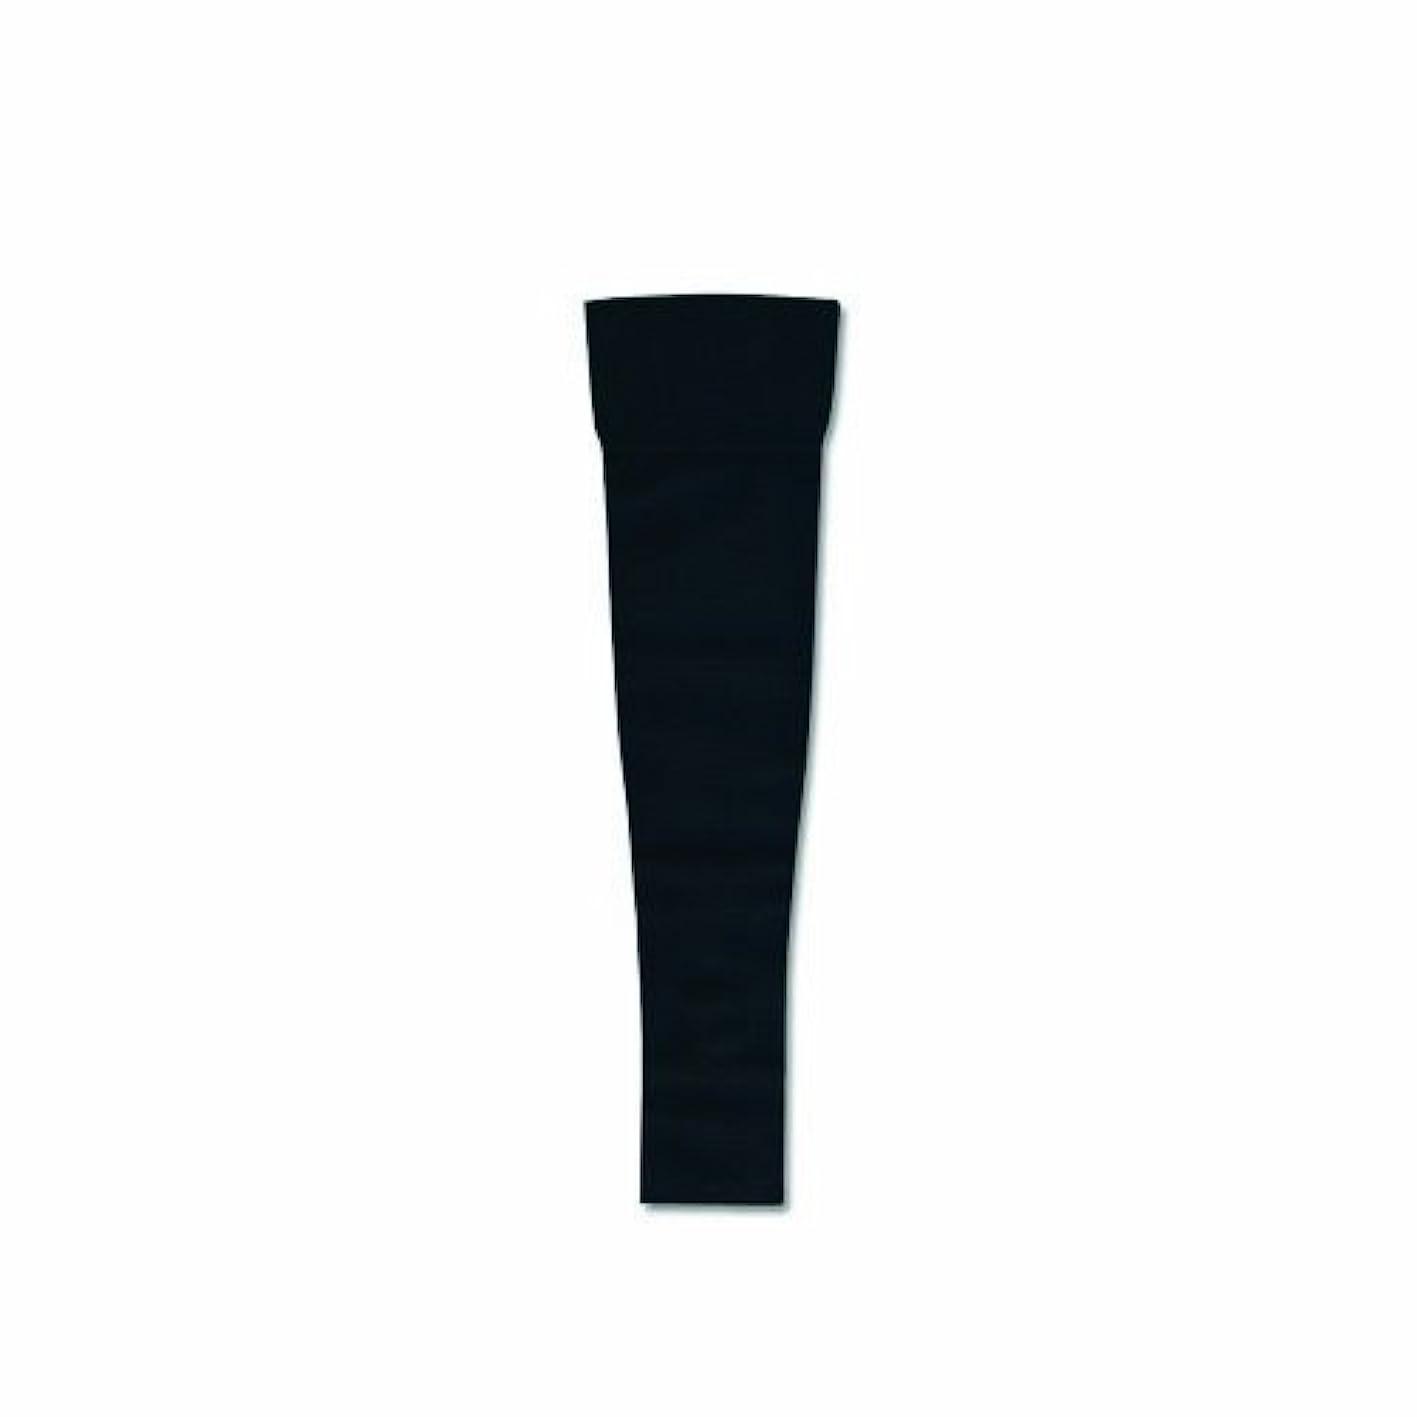 マスタードごちそう戦士リンパディーバ アームスリーブ(ミトンなし) Lサイズ オニキスブラック色 圧迫力27-40Hpa(20-30mmHg)